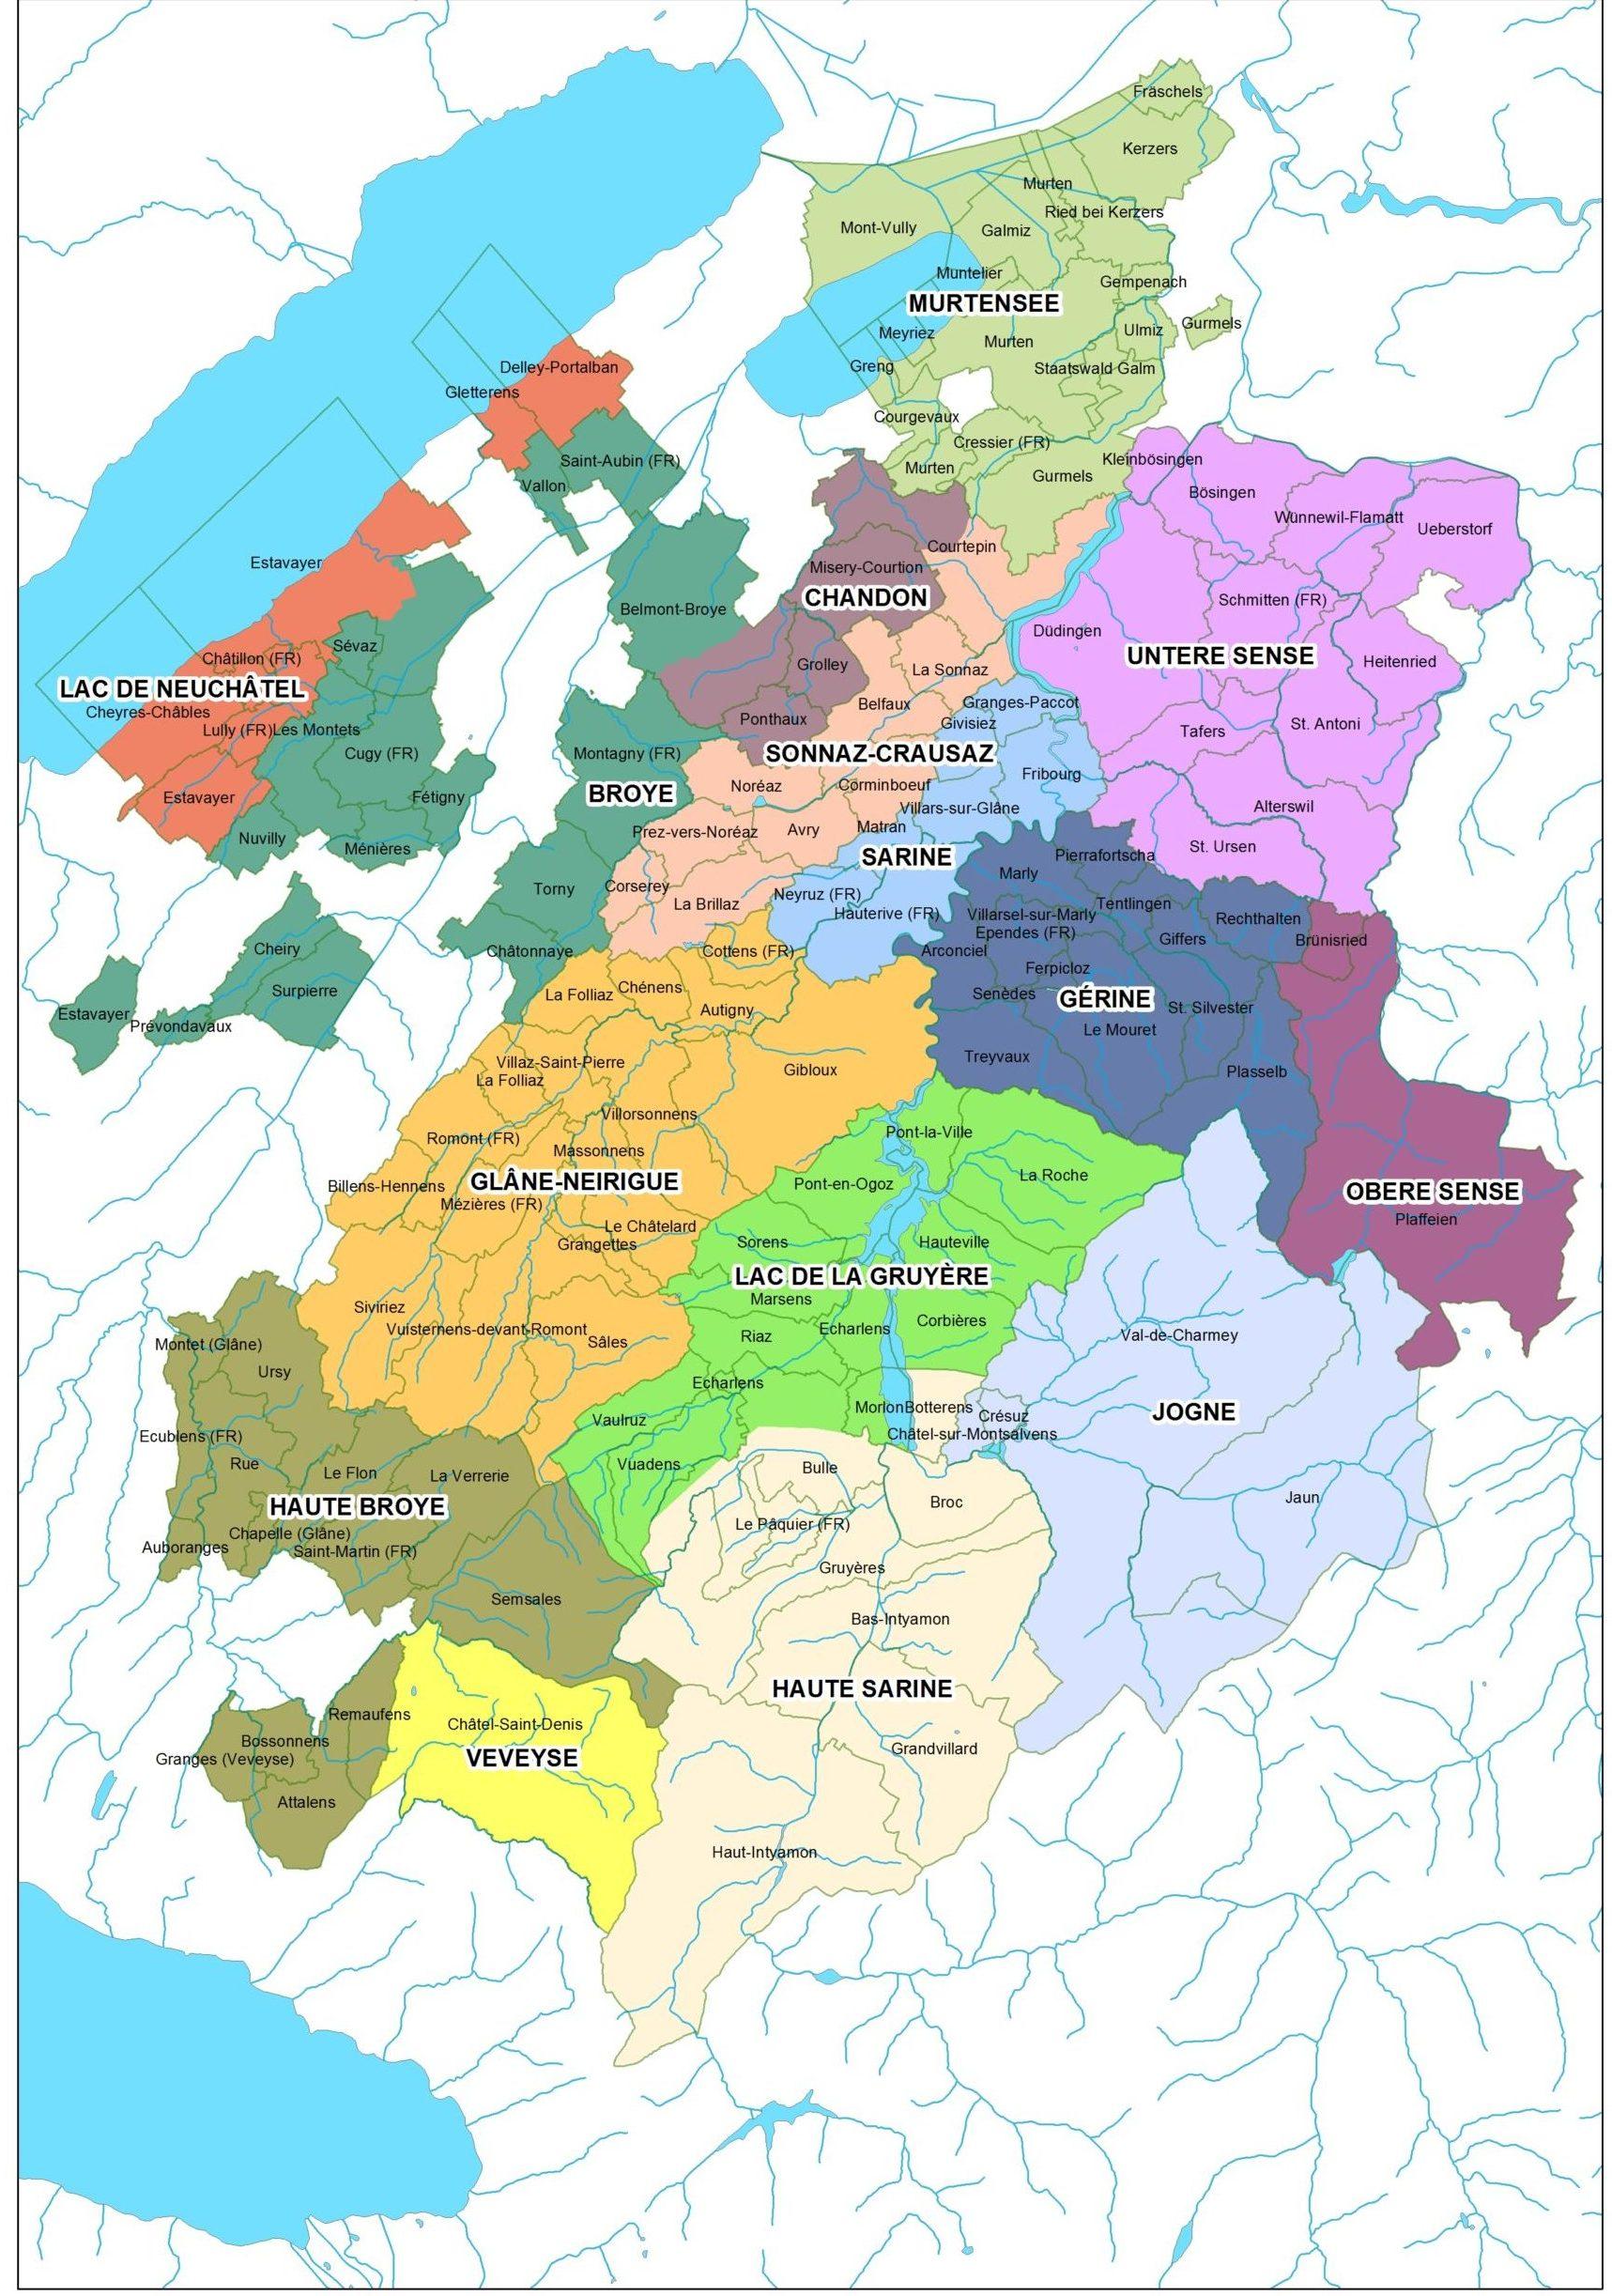 Une très belle carte des bassins versants du canton de Fribourg.